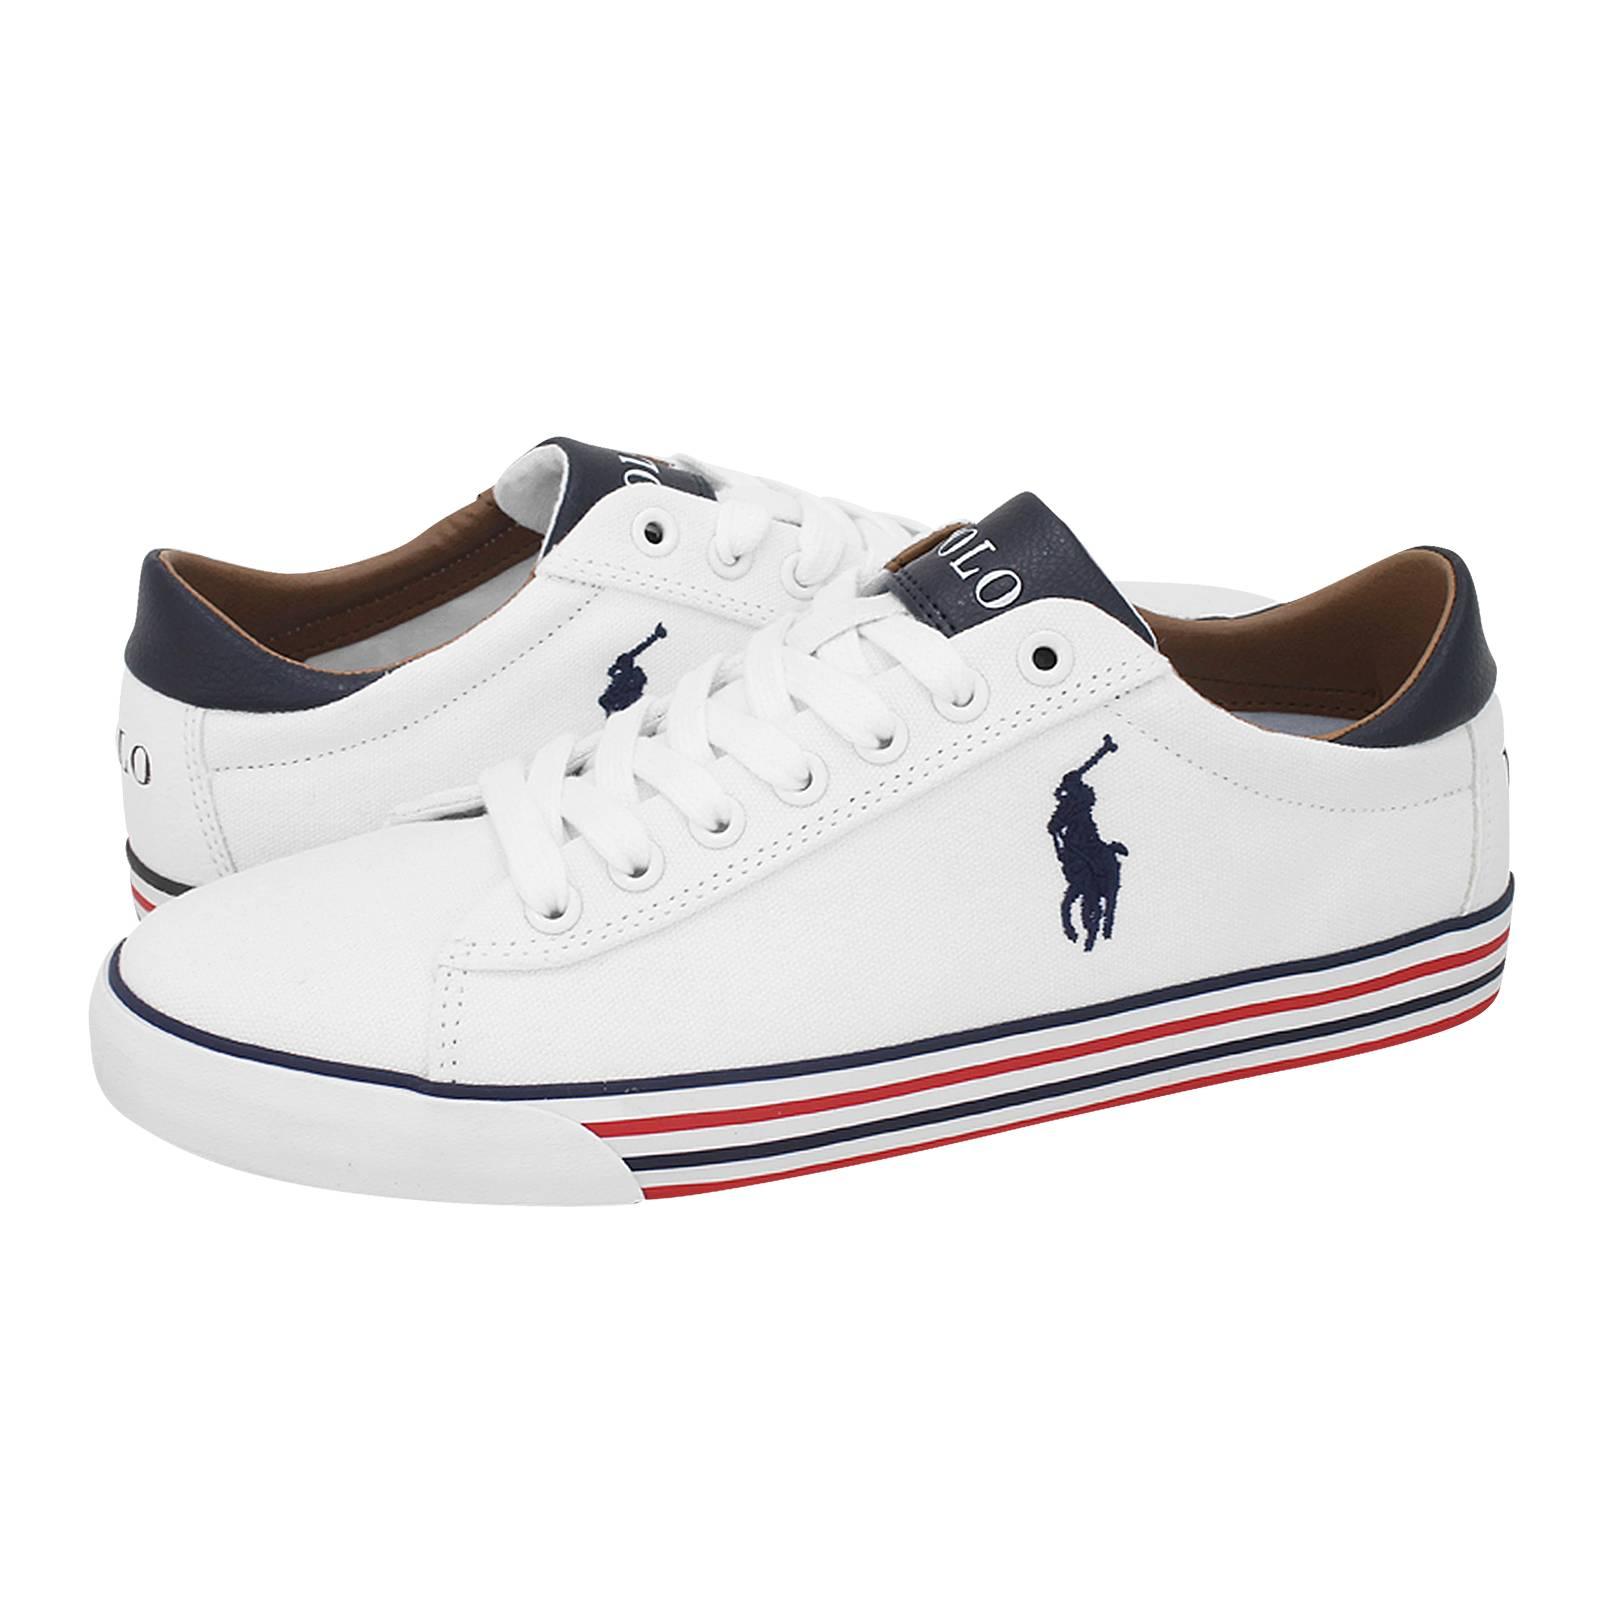 polo ralph lauren harvey sneakers